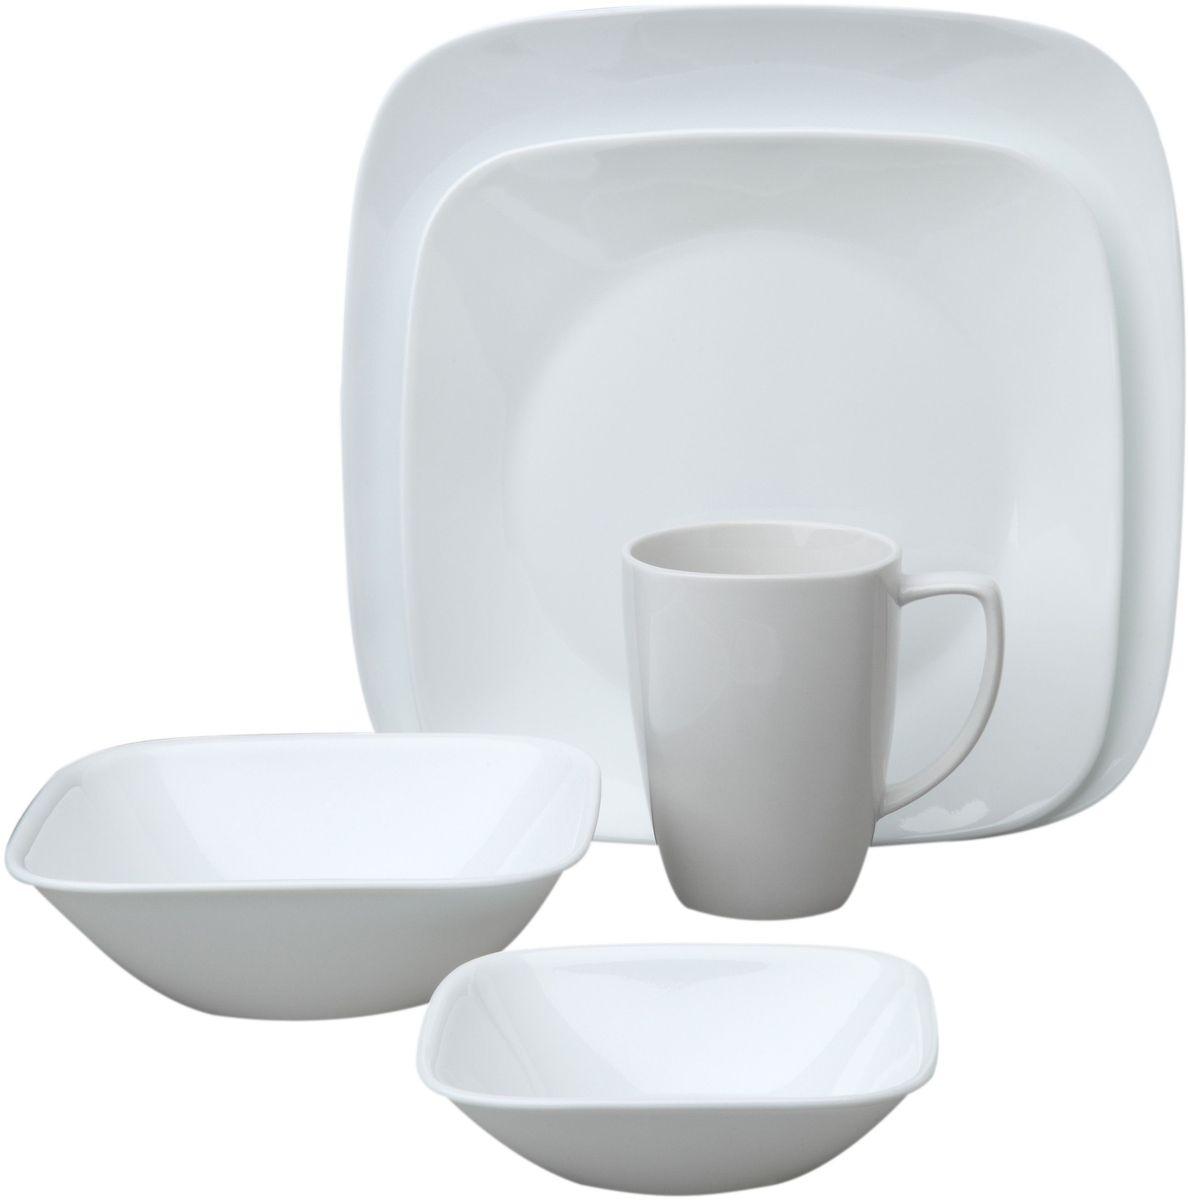 Набор столовой посуды Corelle Pure White, 16 предметов. 10699581069958Посуда Corelle мирового бренда WorldKitchen сделана из материала Vitrelle. Стекло Vitrelle является экологически чистым материалом без посторонних добавок. Идеальный белый цвет посуды достигается путем сверхвысокой термической обработки компонентов. Vitrelle сверхпрочный материал, используемый для столовой посуды, изобретенный в начале 1970х в Соединенных Штатах Америки. Материал сделан из трех слоев стекла спеченных вместе. Посуда Vitrelle тонка и легка при том, что является более ударопрочной по сравнению с обычной столовой посудой. Соль, полевой шпат, известняк, и 2 других вида соли попадают в печь, где при 1400 градусов Цельсия превращаются в жидкое стекло. Стекло заливается в молды, где соединяются 3 слоя в один. Края посуды обрабатываются огненной полировкой. Проходя через дополнительную обработку, три слоя приобретают сверхпрочность. Путем шелкографии на днище наносится бренд, а так же дополнительная информация. Узор на посуде так же наносится путем шелкографии. Готовая посуда подвергается воздействию 800 градусов для закрепления узора. В конце посуда обрабатывается спреем на основе силикона для исключения царапин при транспортировке.